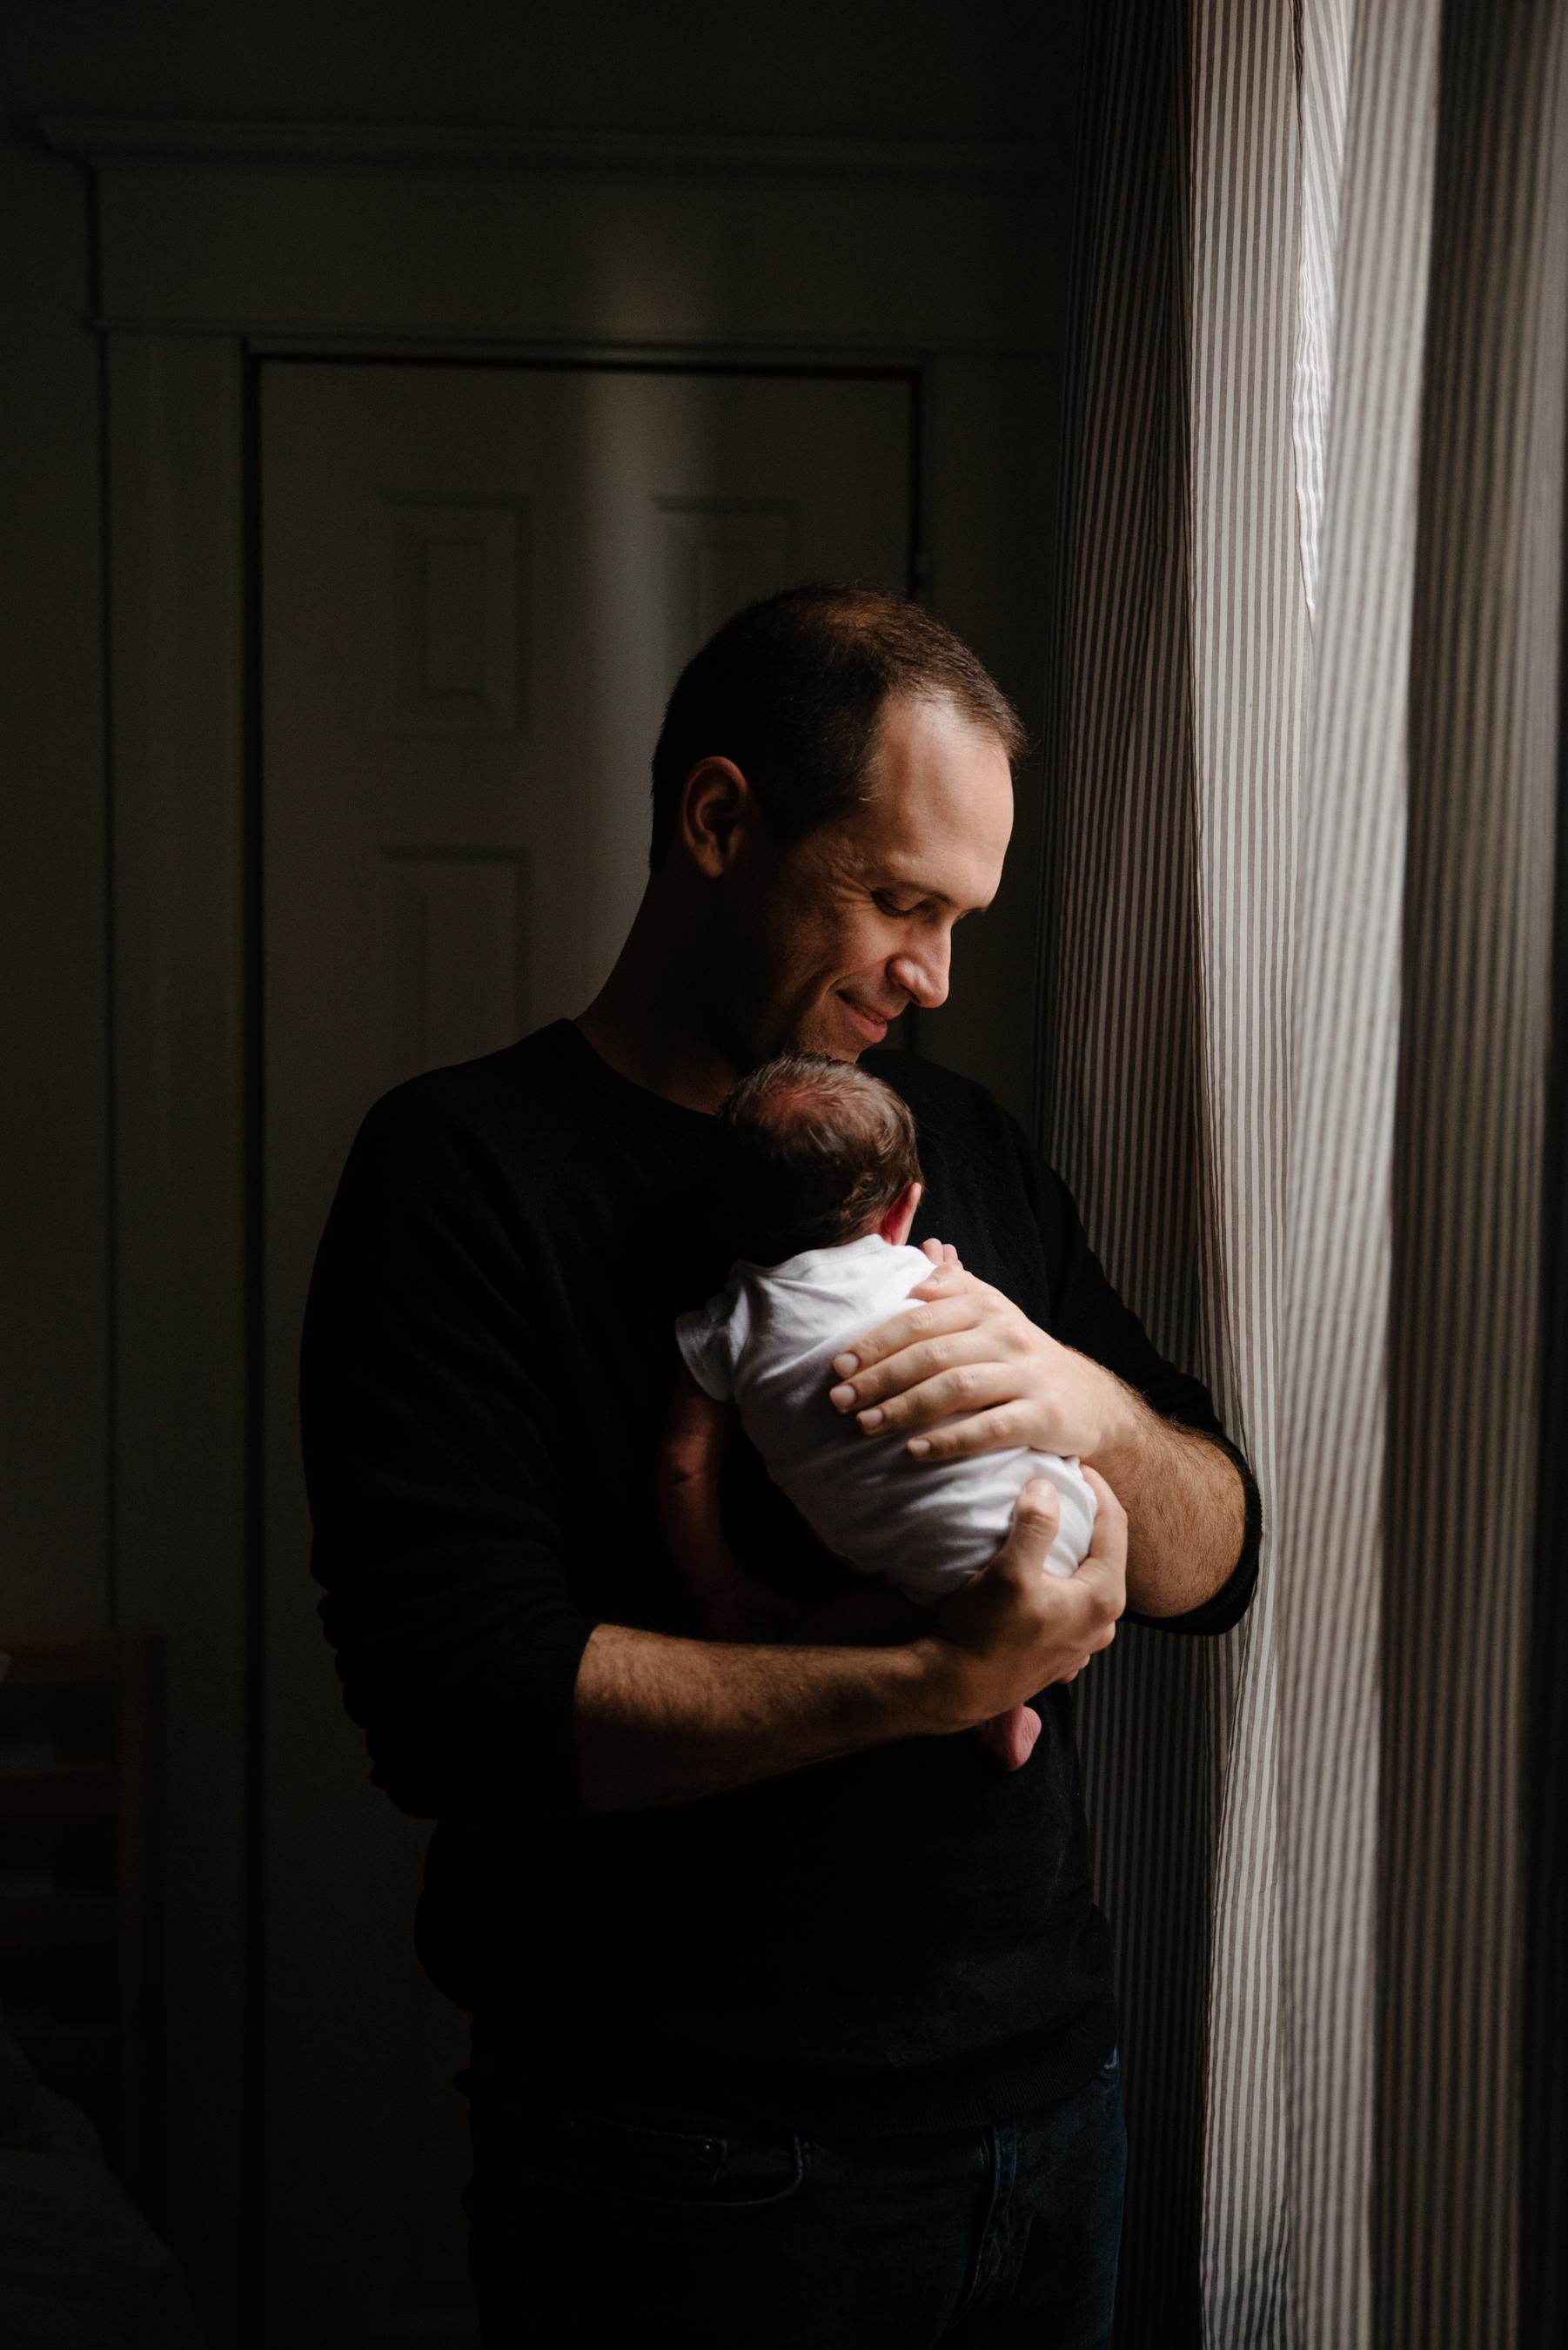 022-photo-d-un-nouveau-papa-fier-qui-tient-son-bebe-dans-ses-bras-photographe-lifestyle-famille-et-nouveau-ne-a-montreal-marianne-charland-388.jpg